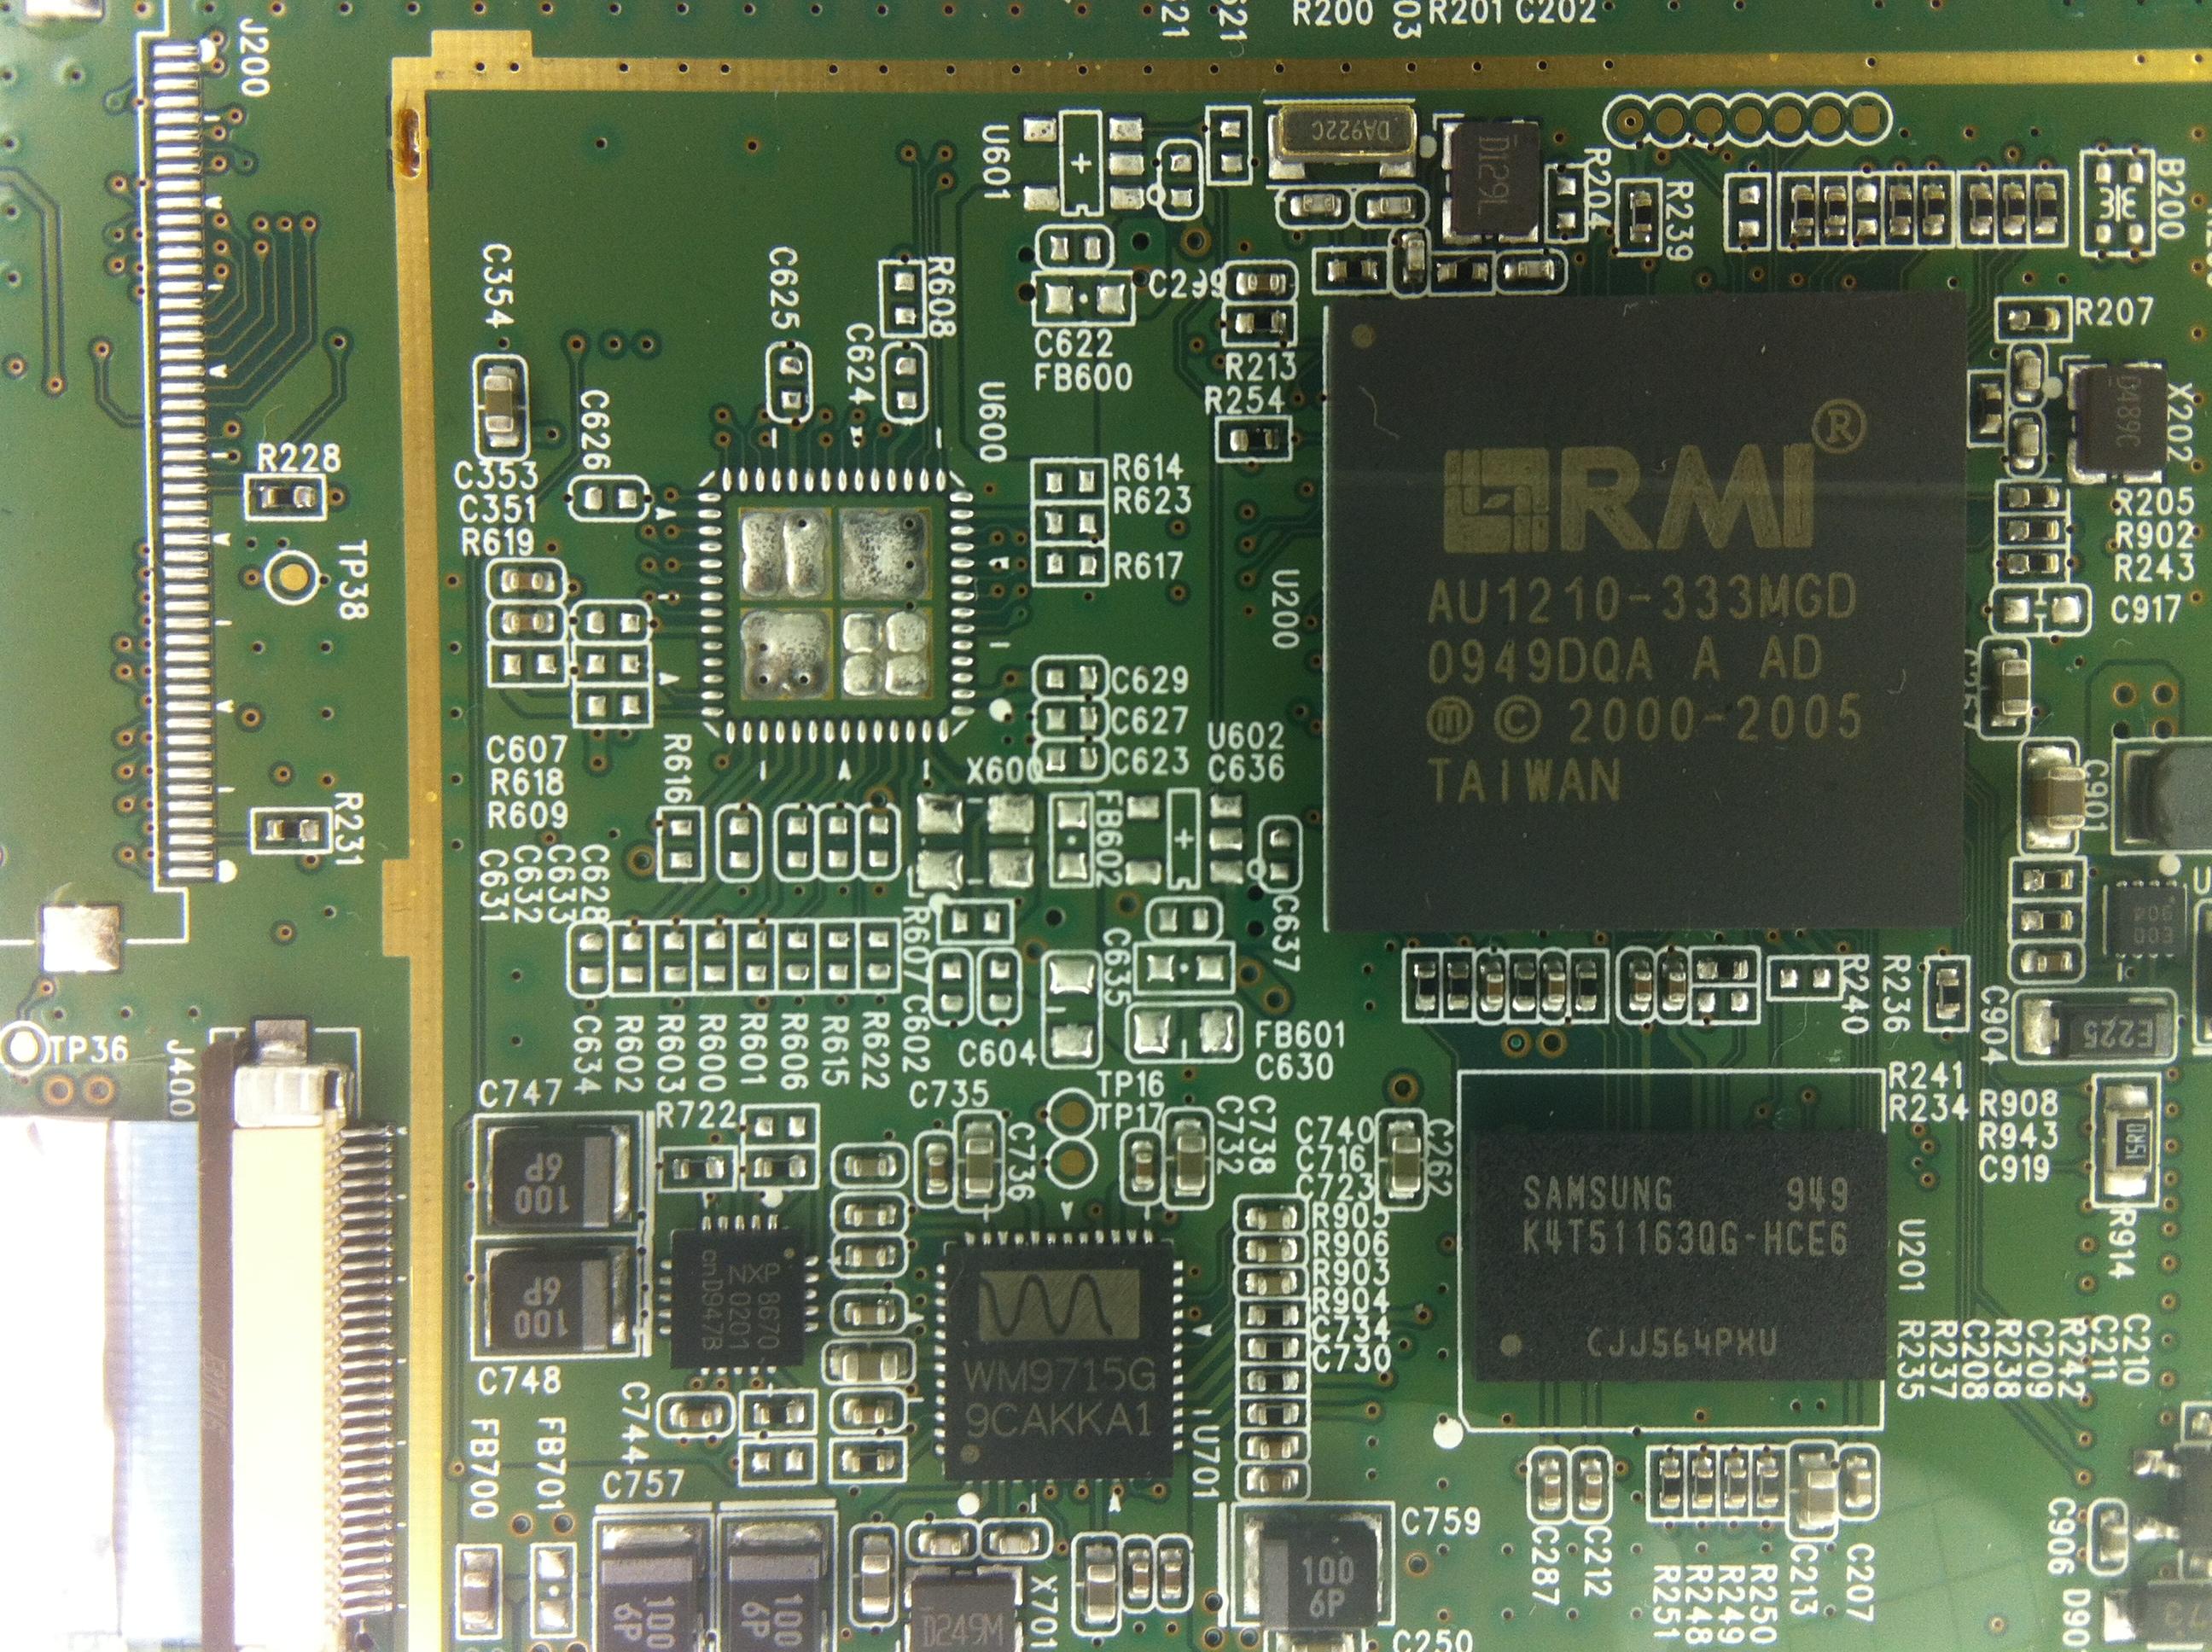 Chipset_1 Verwunderlich Dimmer Schalter Für Led Dekorationen